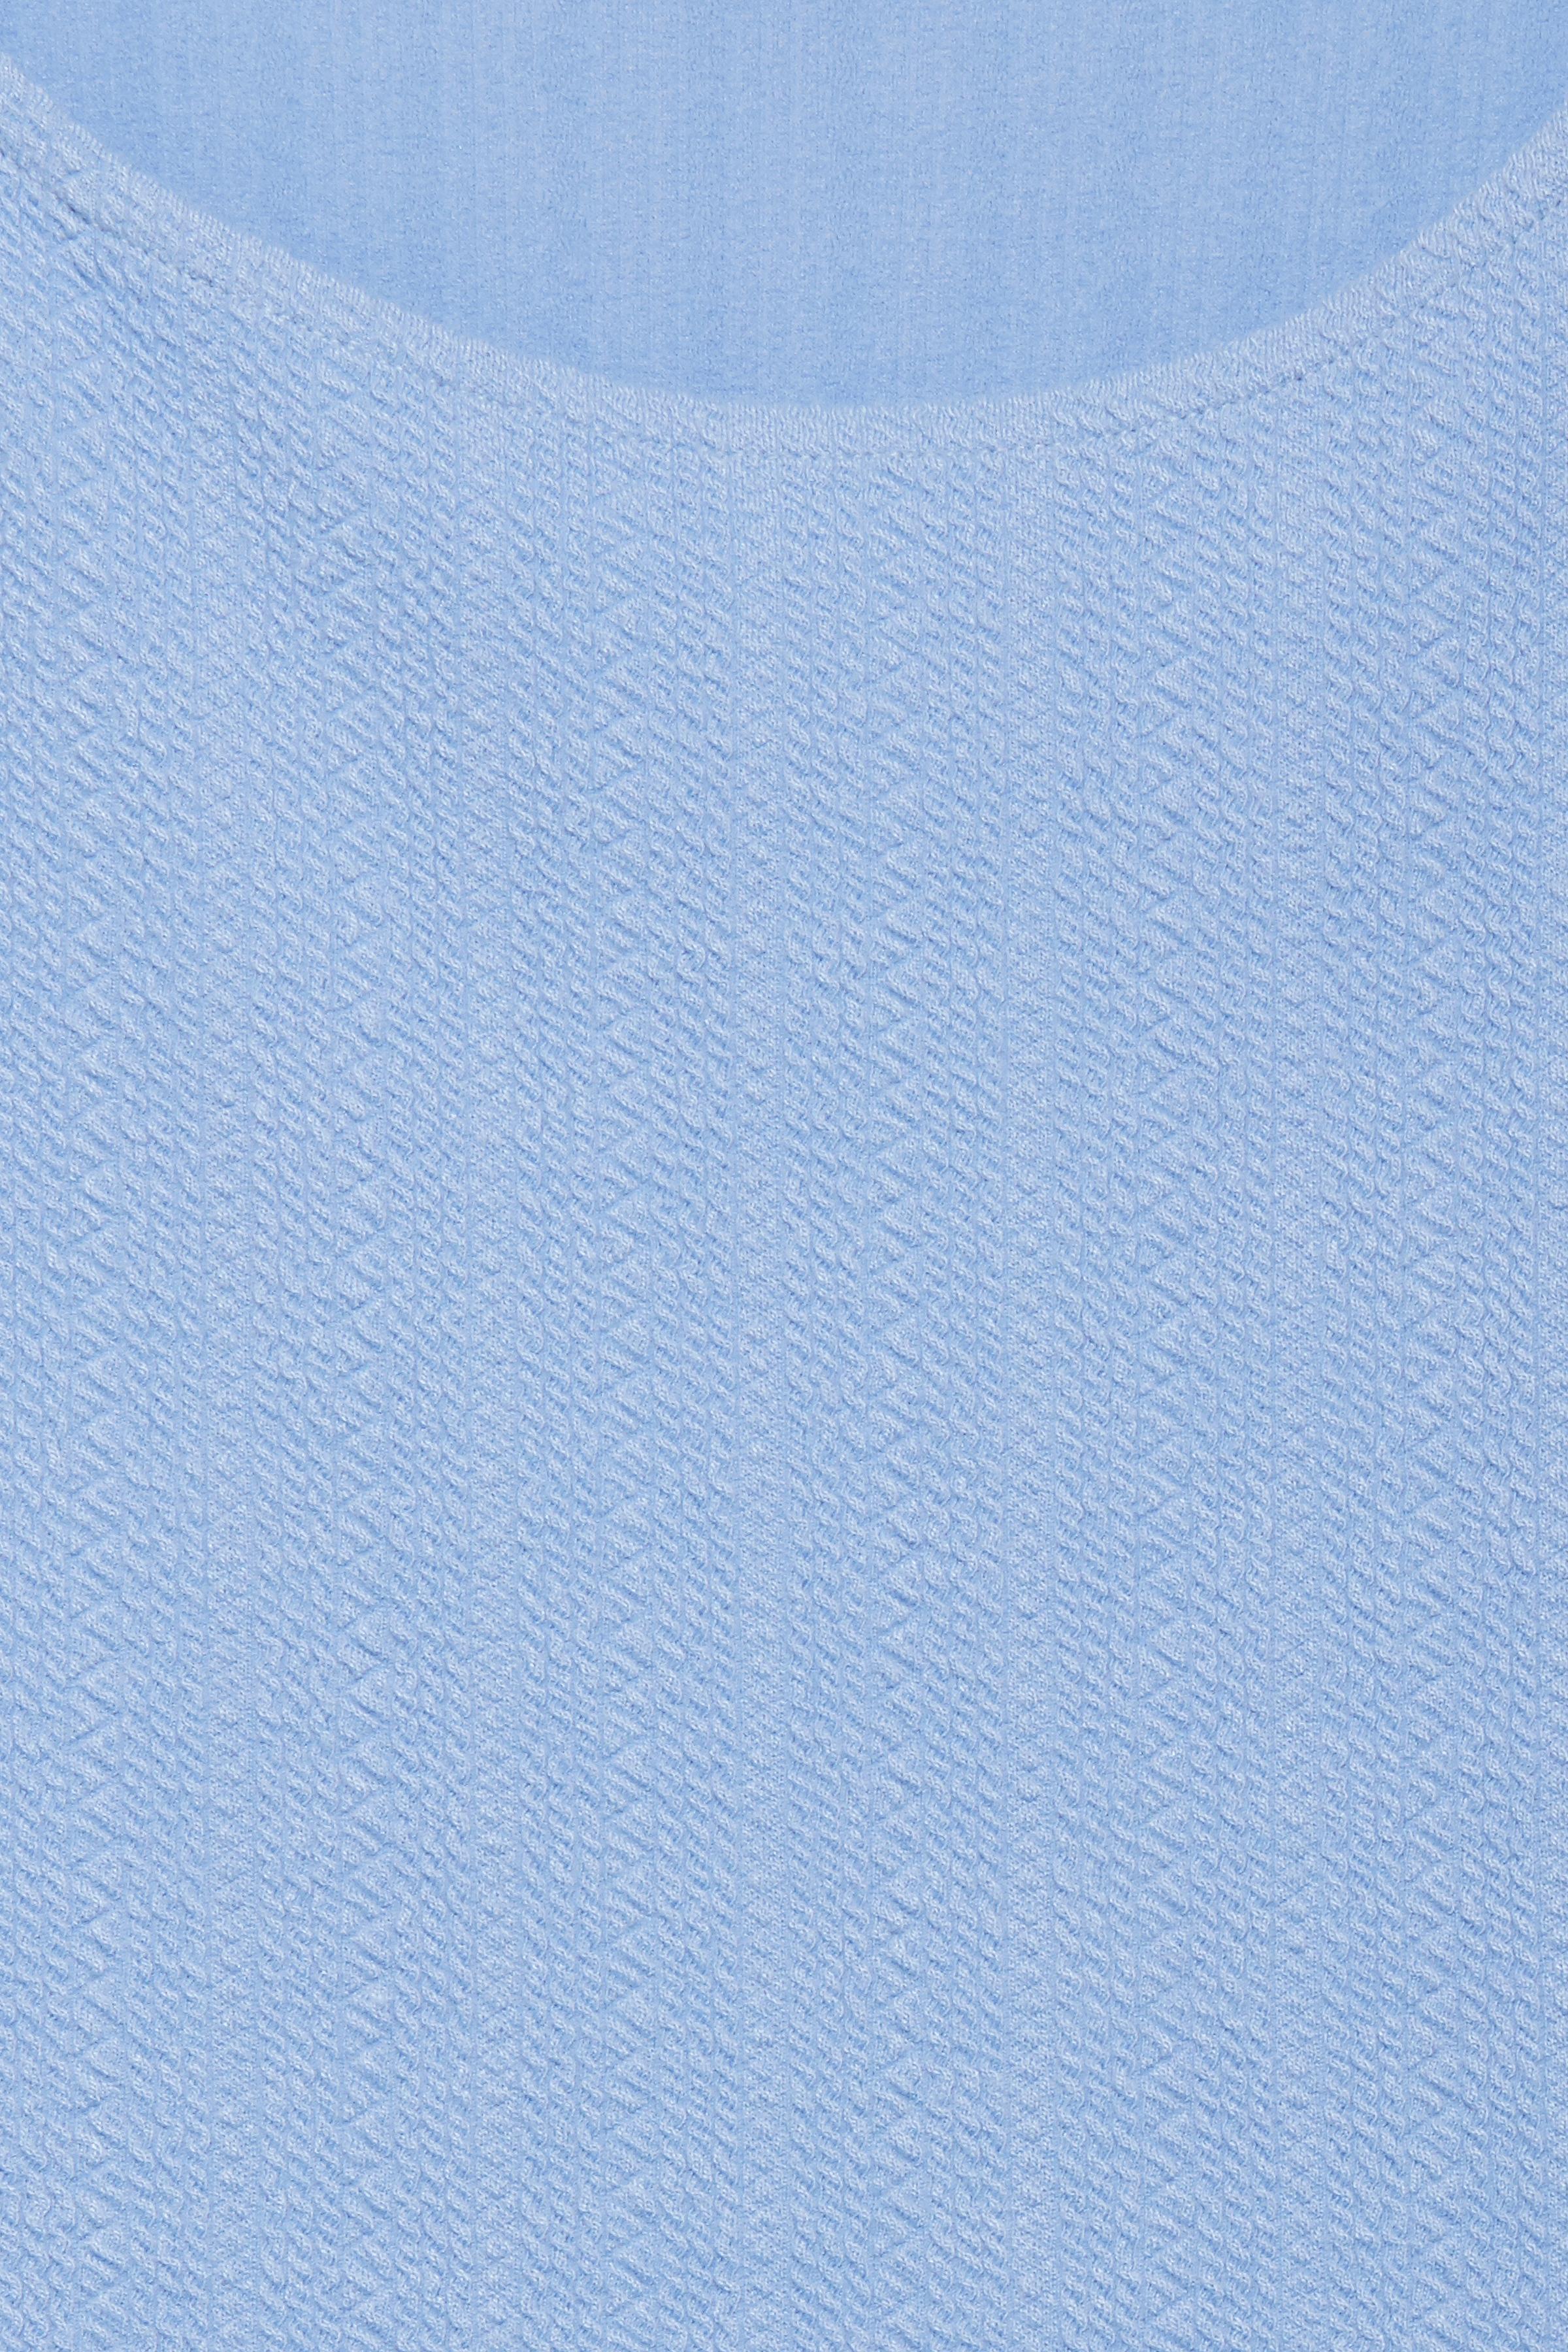 Cornflower Blue Langærmet T-shirt fra b.young – Køb Cornflower Blue Langærmet T-shirt fra str. S-XXL her